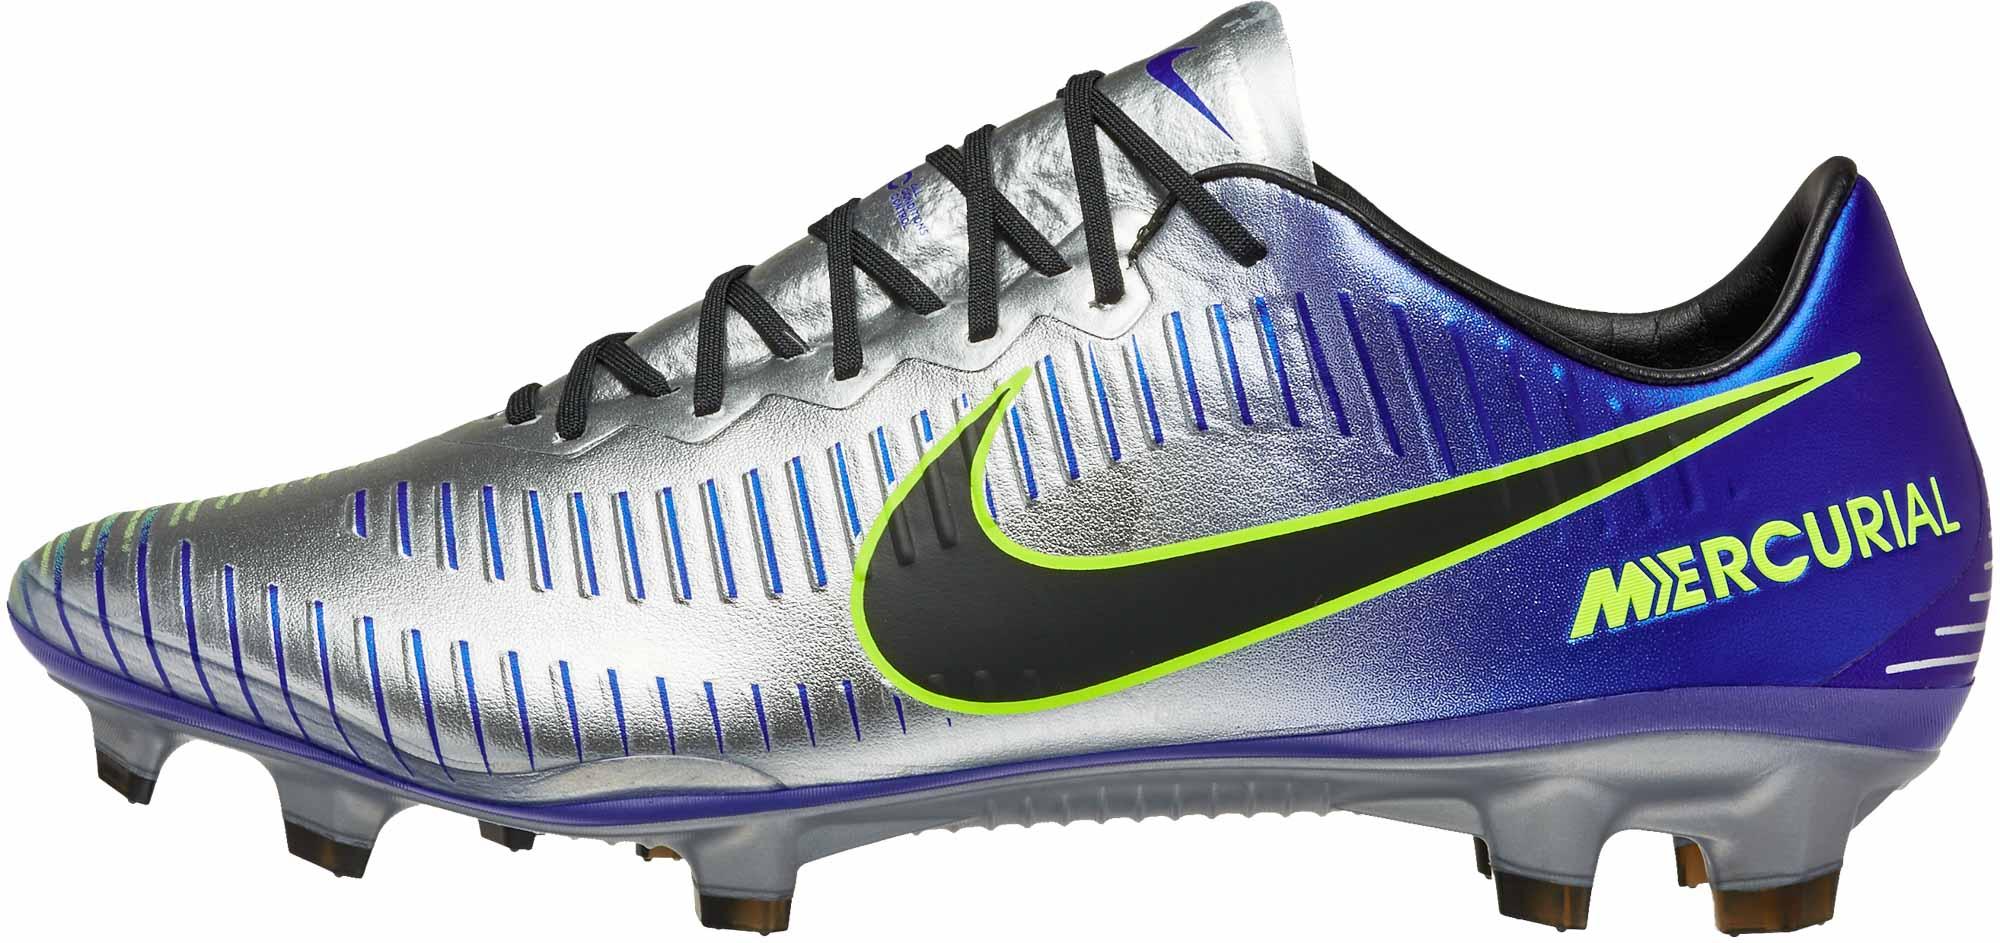 reputable site 43237 44d4e Nike Mercurial Vapor XI FG - Neymar Jr - Racer Blue & Chrome